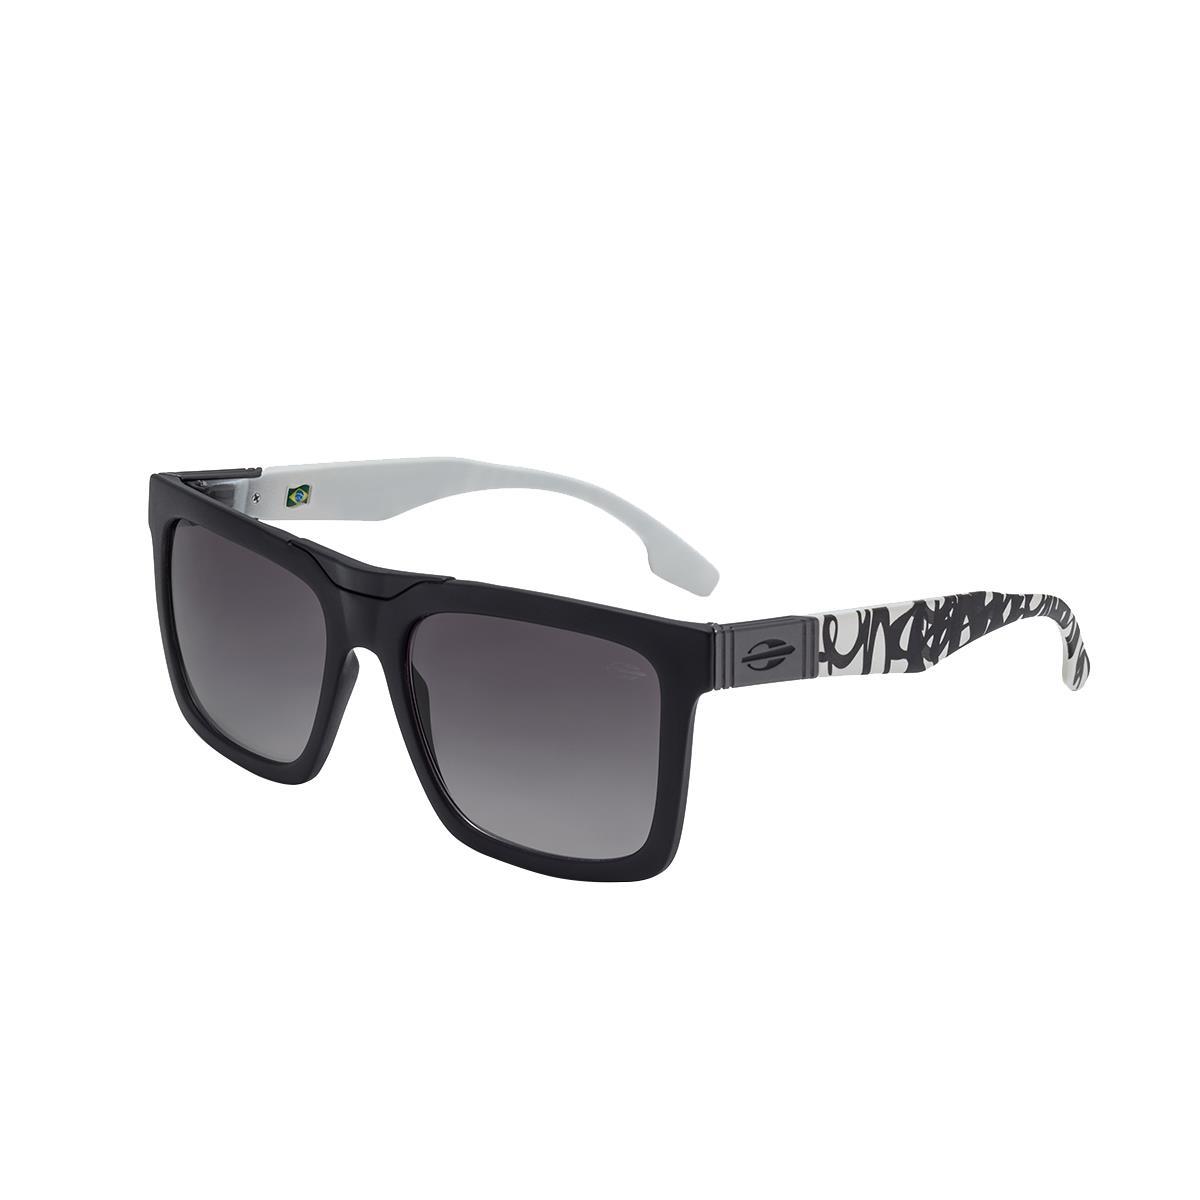 1da5e0f55a475 Óculos De Sol Long Beach Preto E Branco Lente Básica Cinza Mormaii na  Estrela10